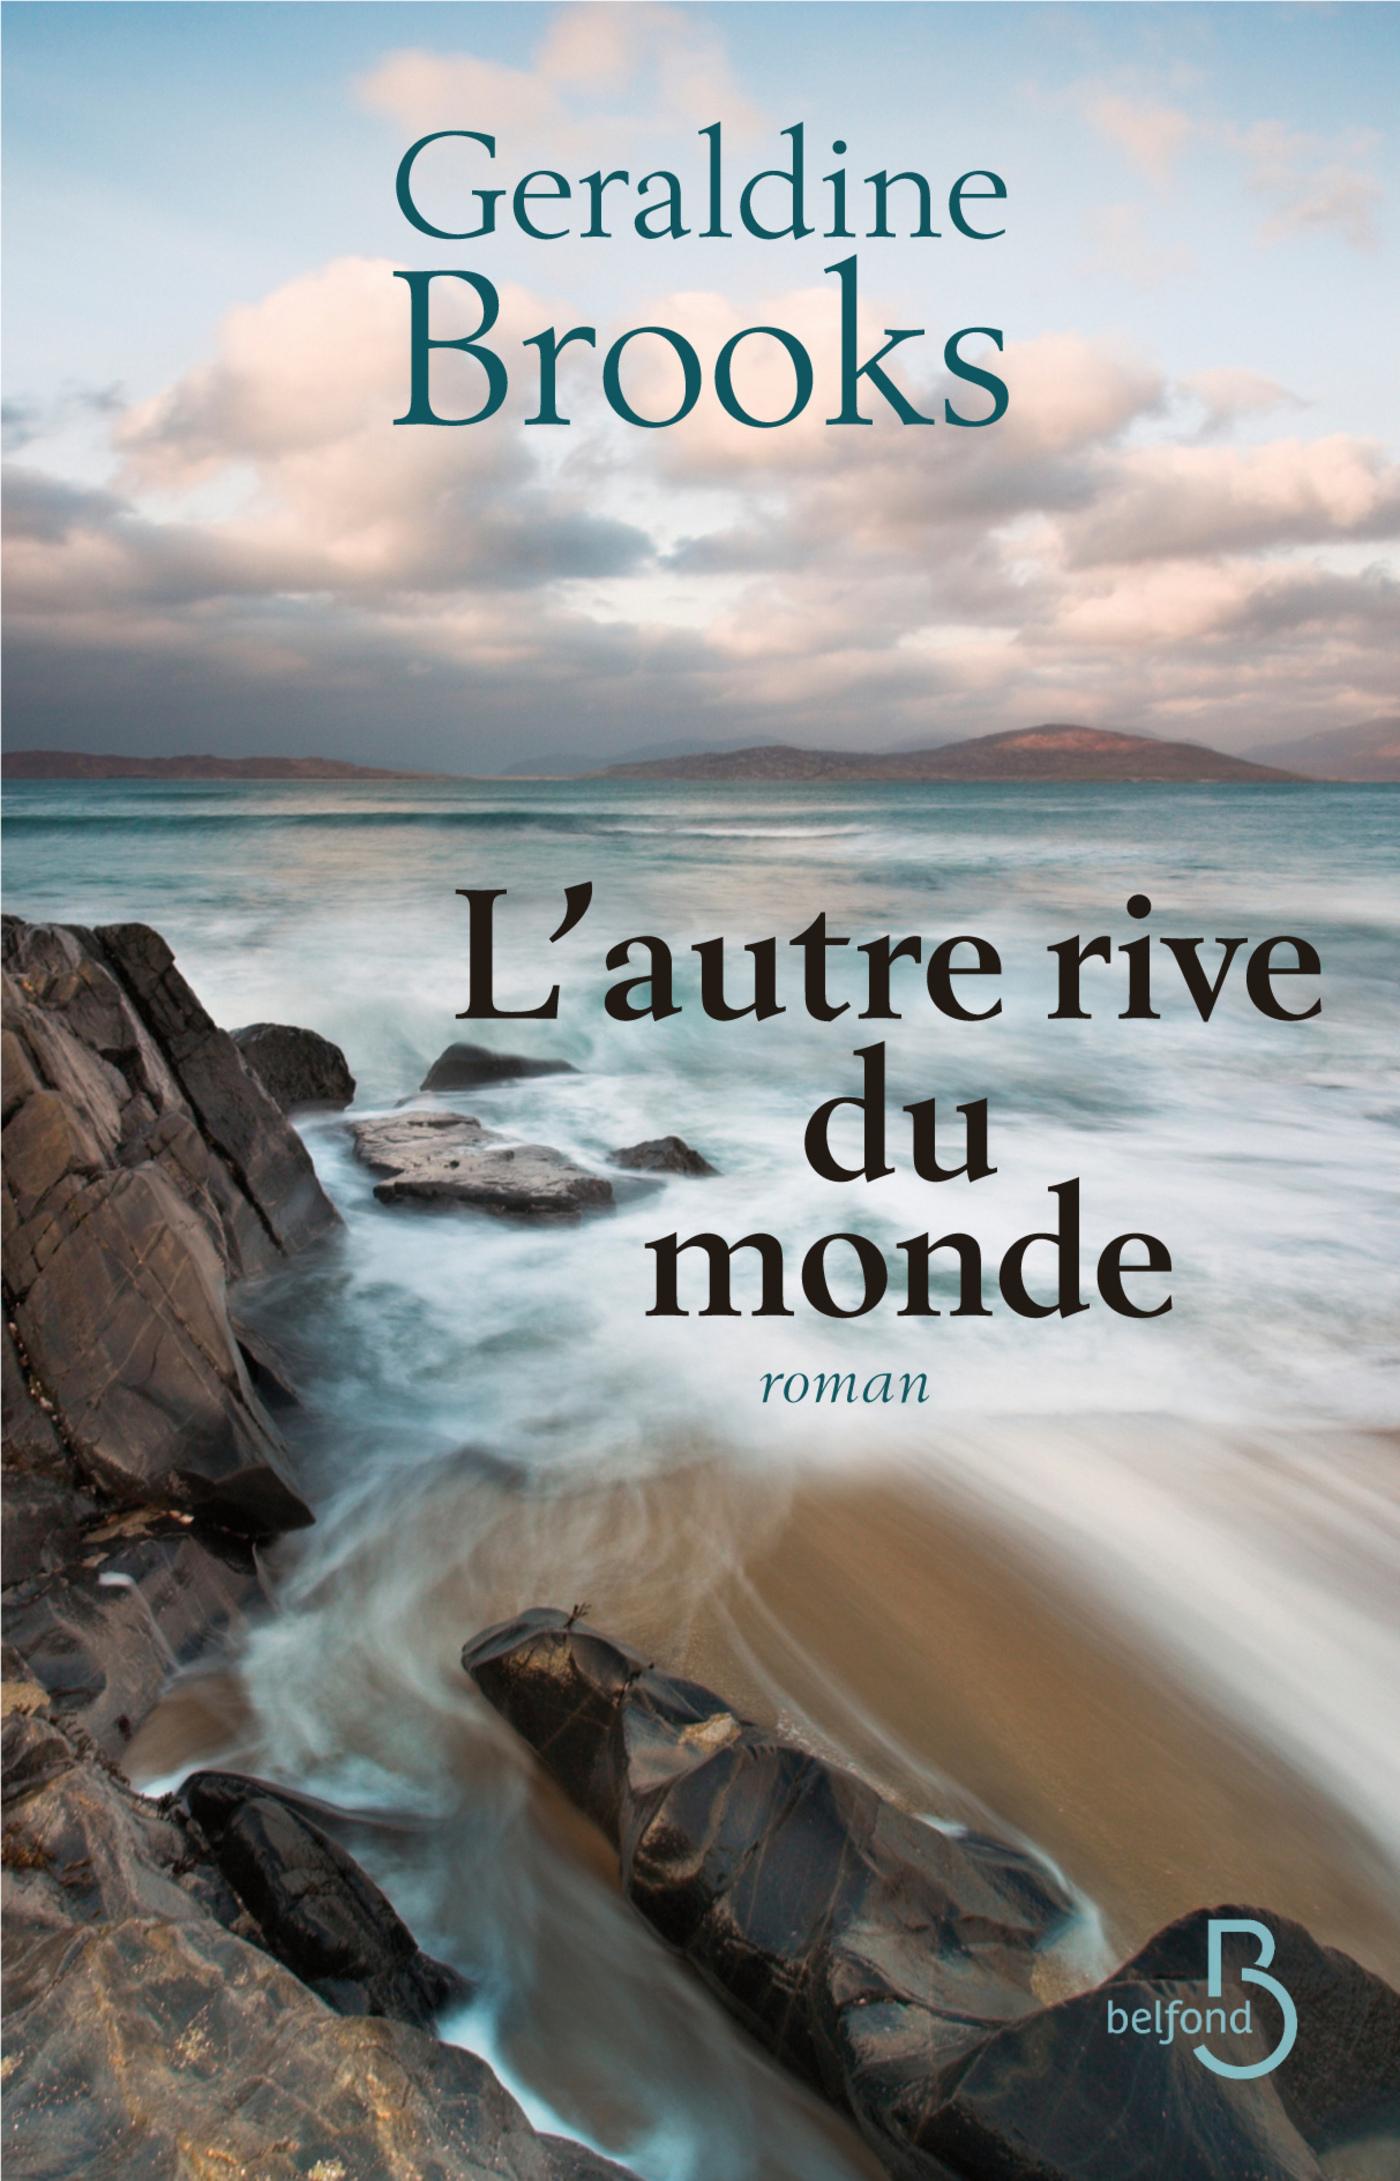 L'autre rive du monde (ebook)